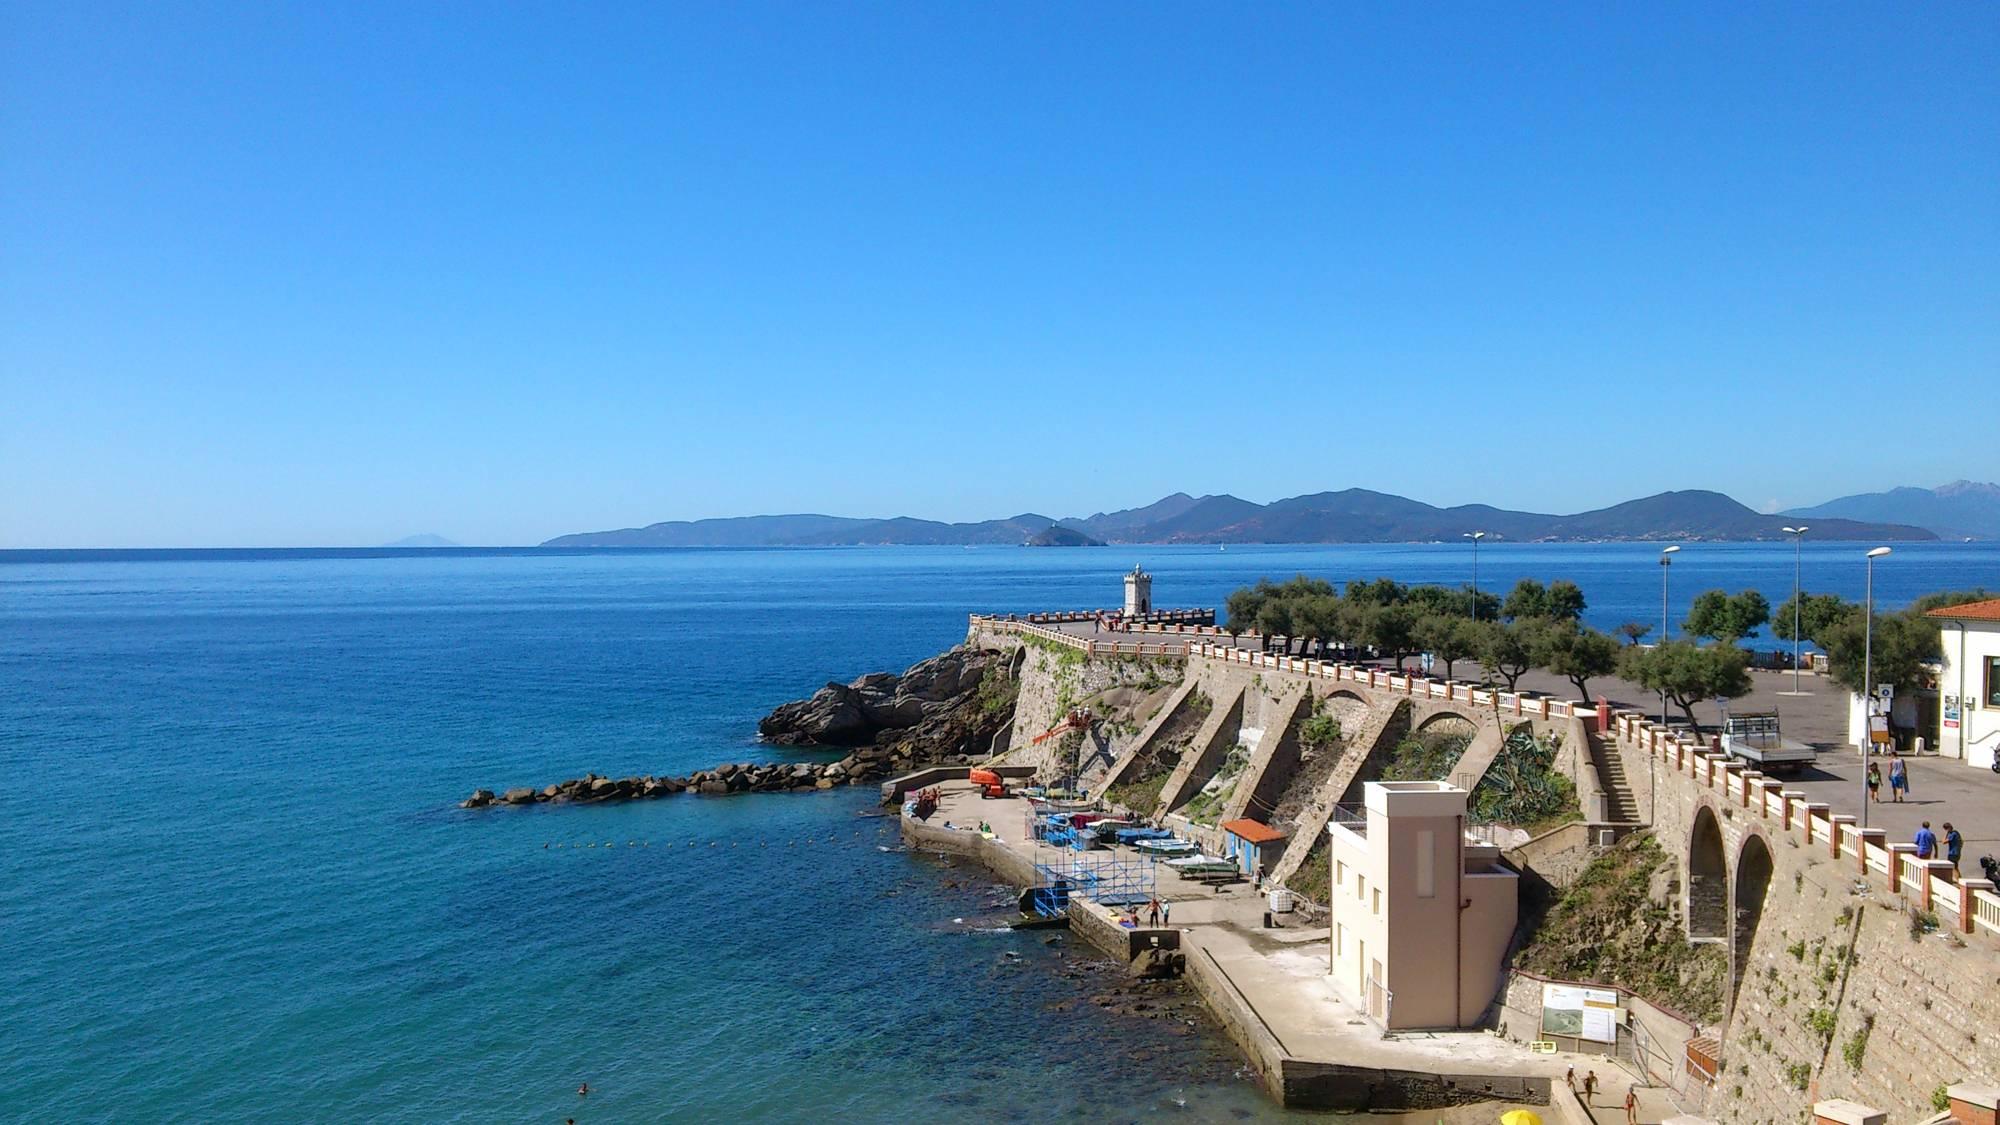 Matrimonio Sul Mare Toscana : Location per un matrimonio sul mare in toscana sr